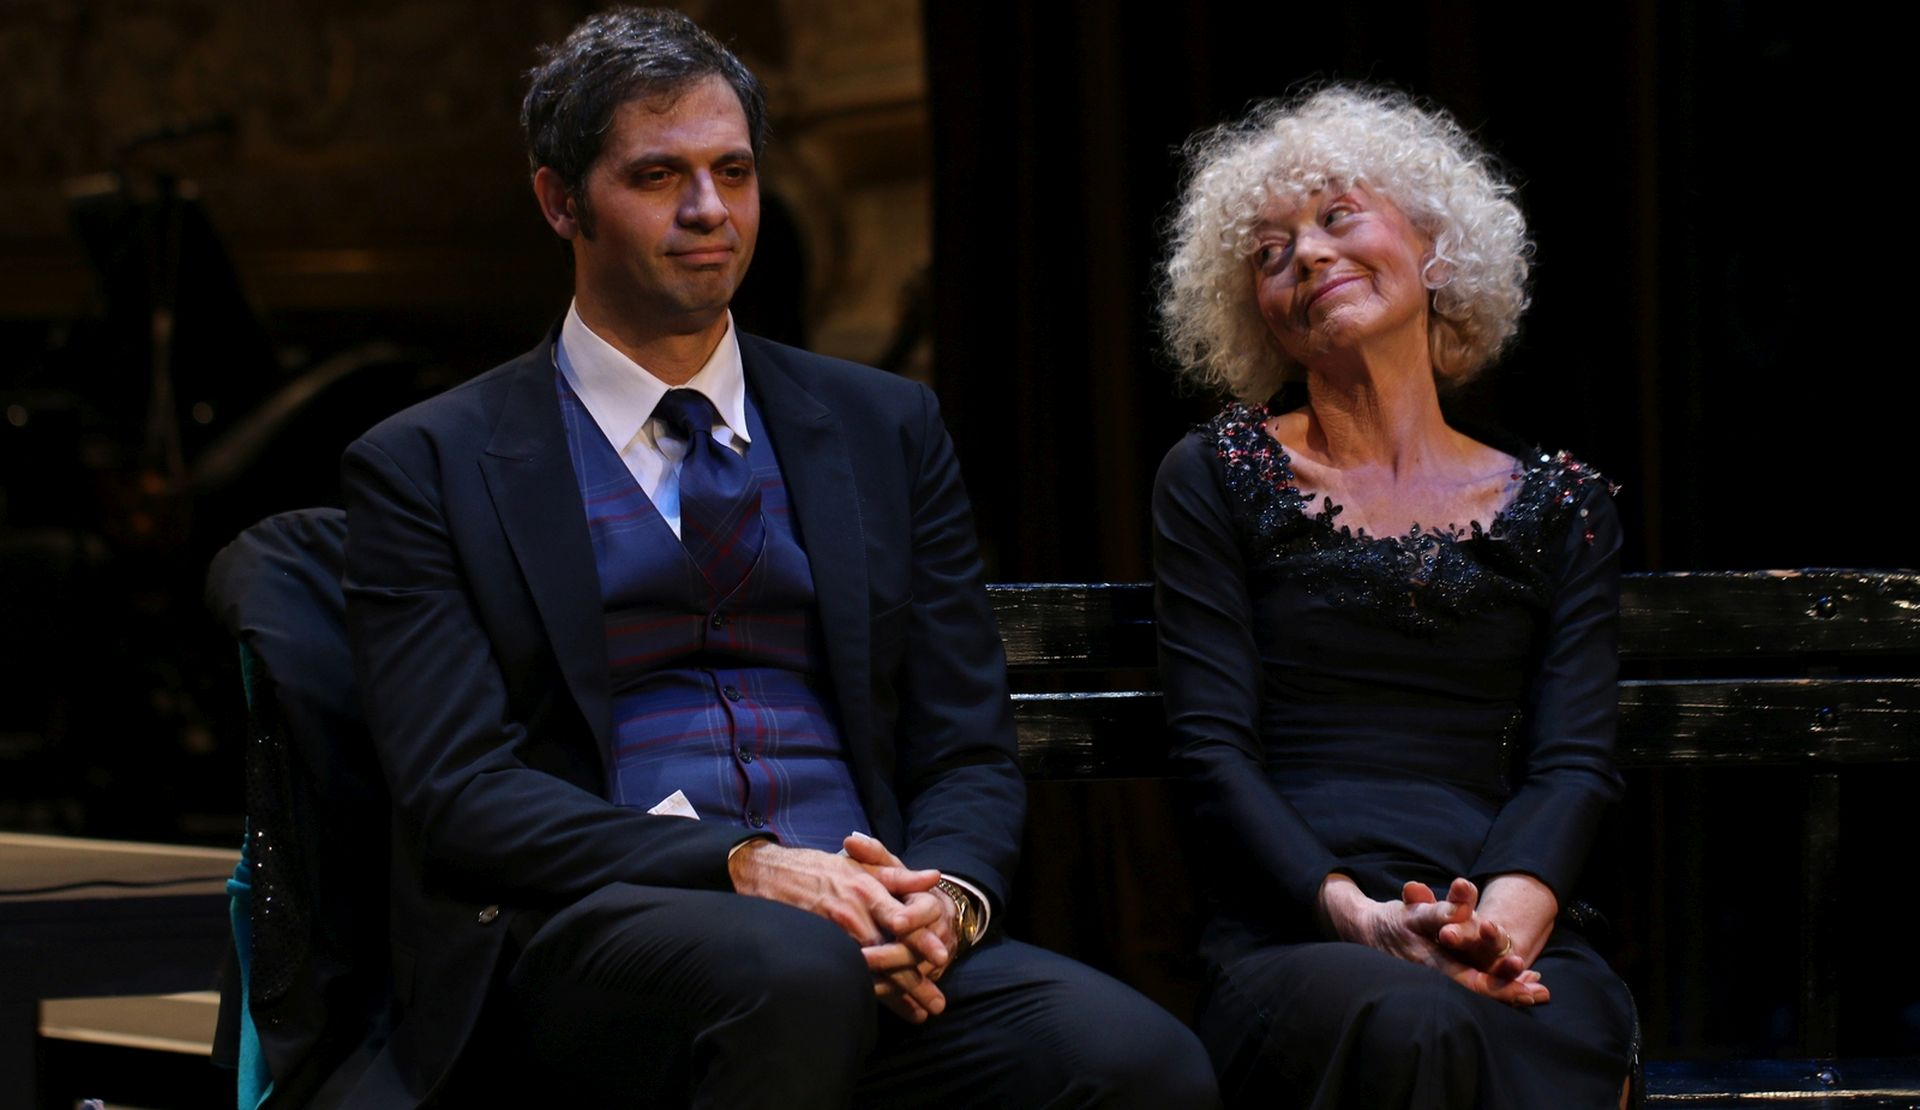 HNK RIJEKA 'Otjpjevani život', predstava posvećena glumici Alidi Delcaro